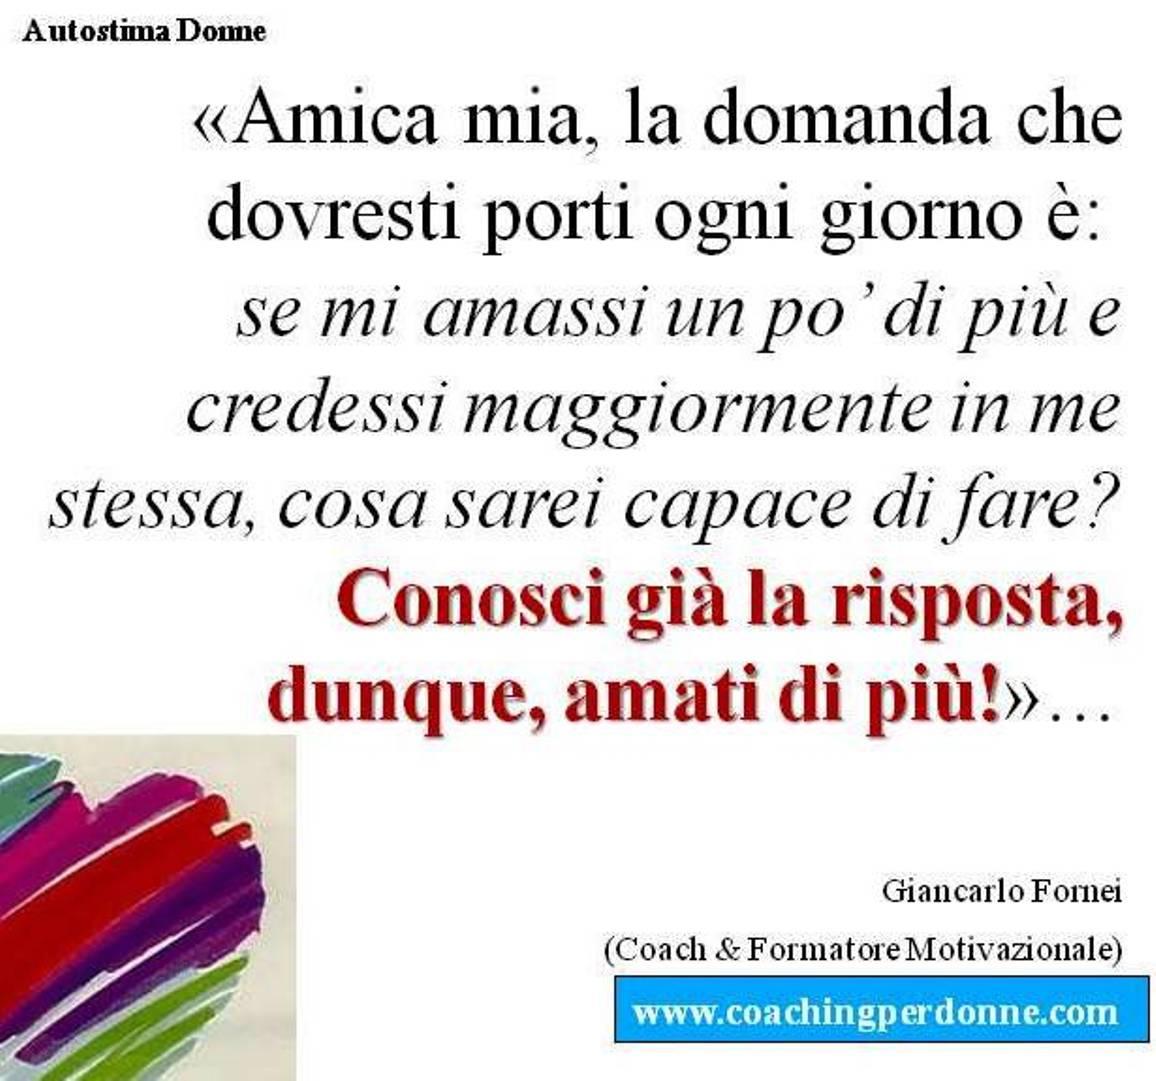 Autostima Donne: una frase del coach motivazionale Giancarlo Fornei